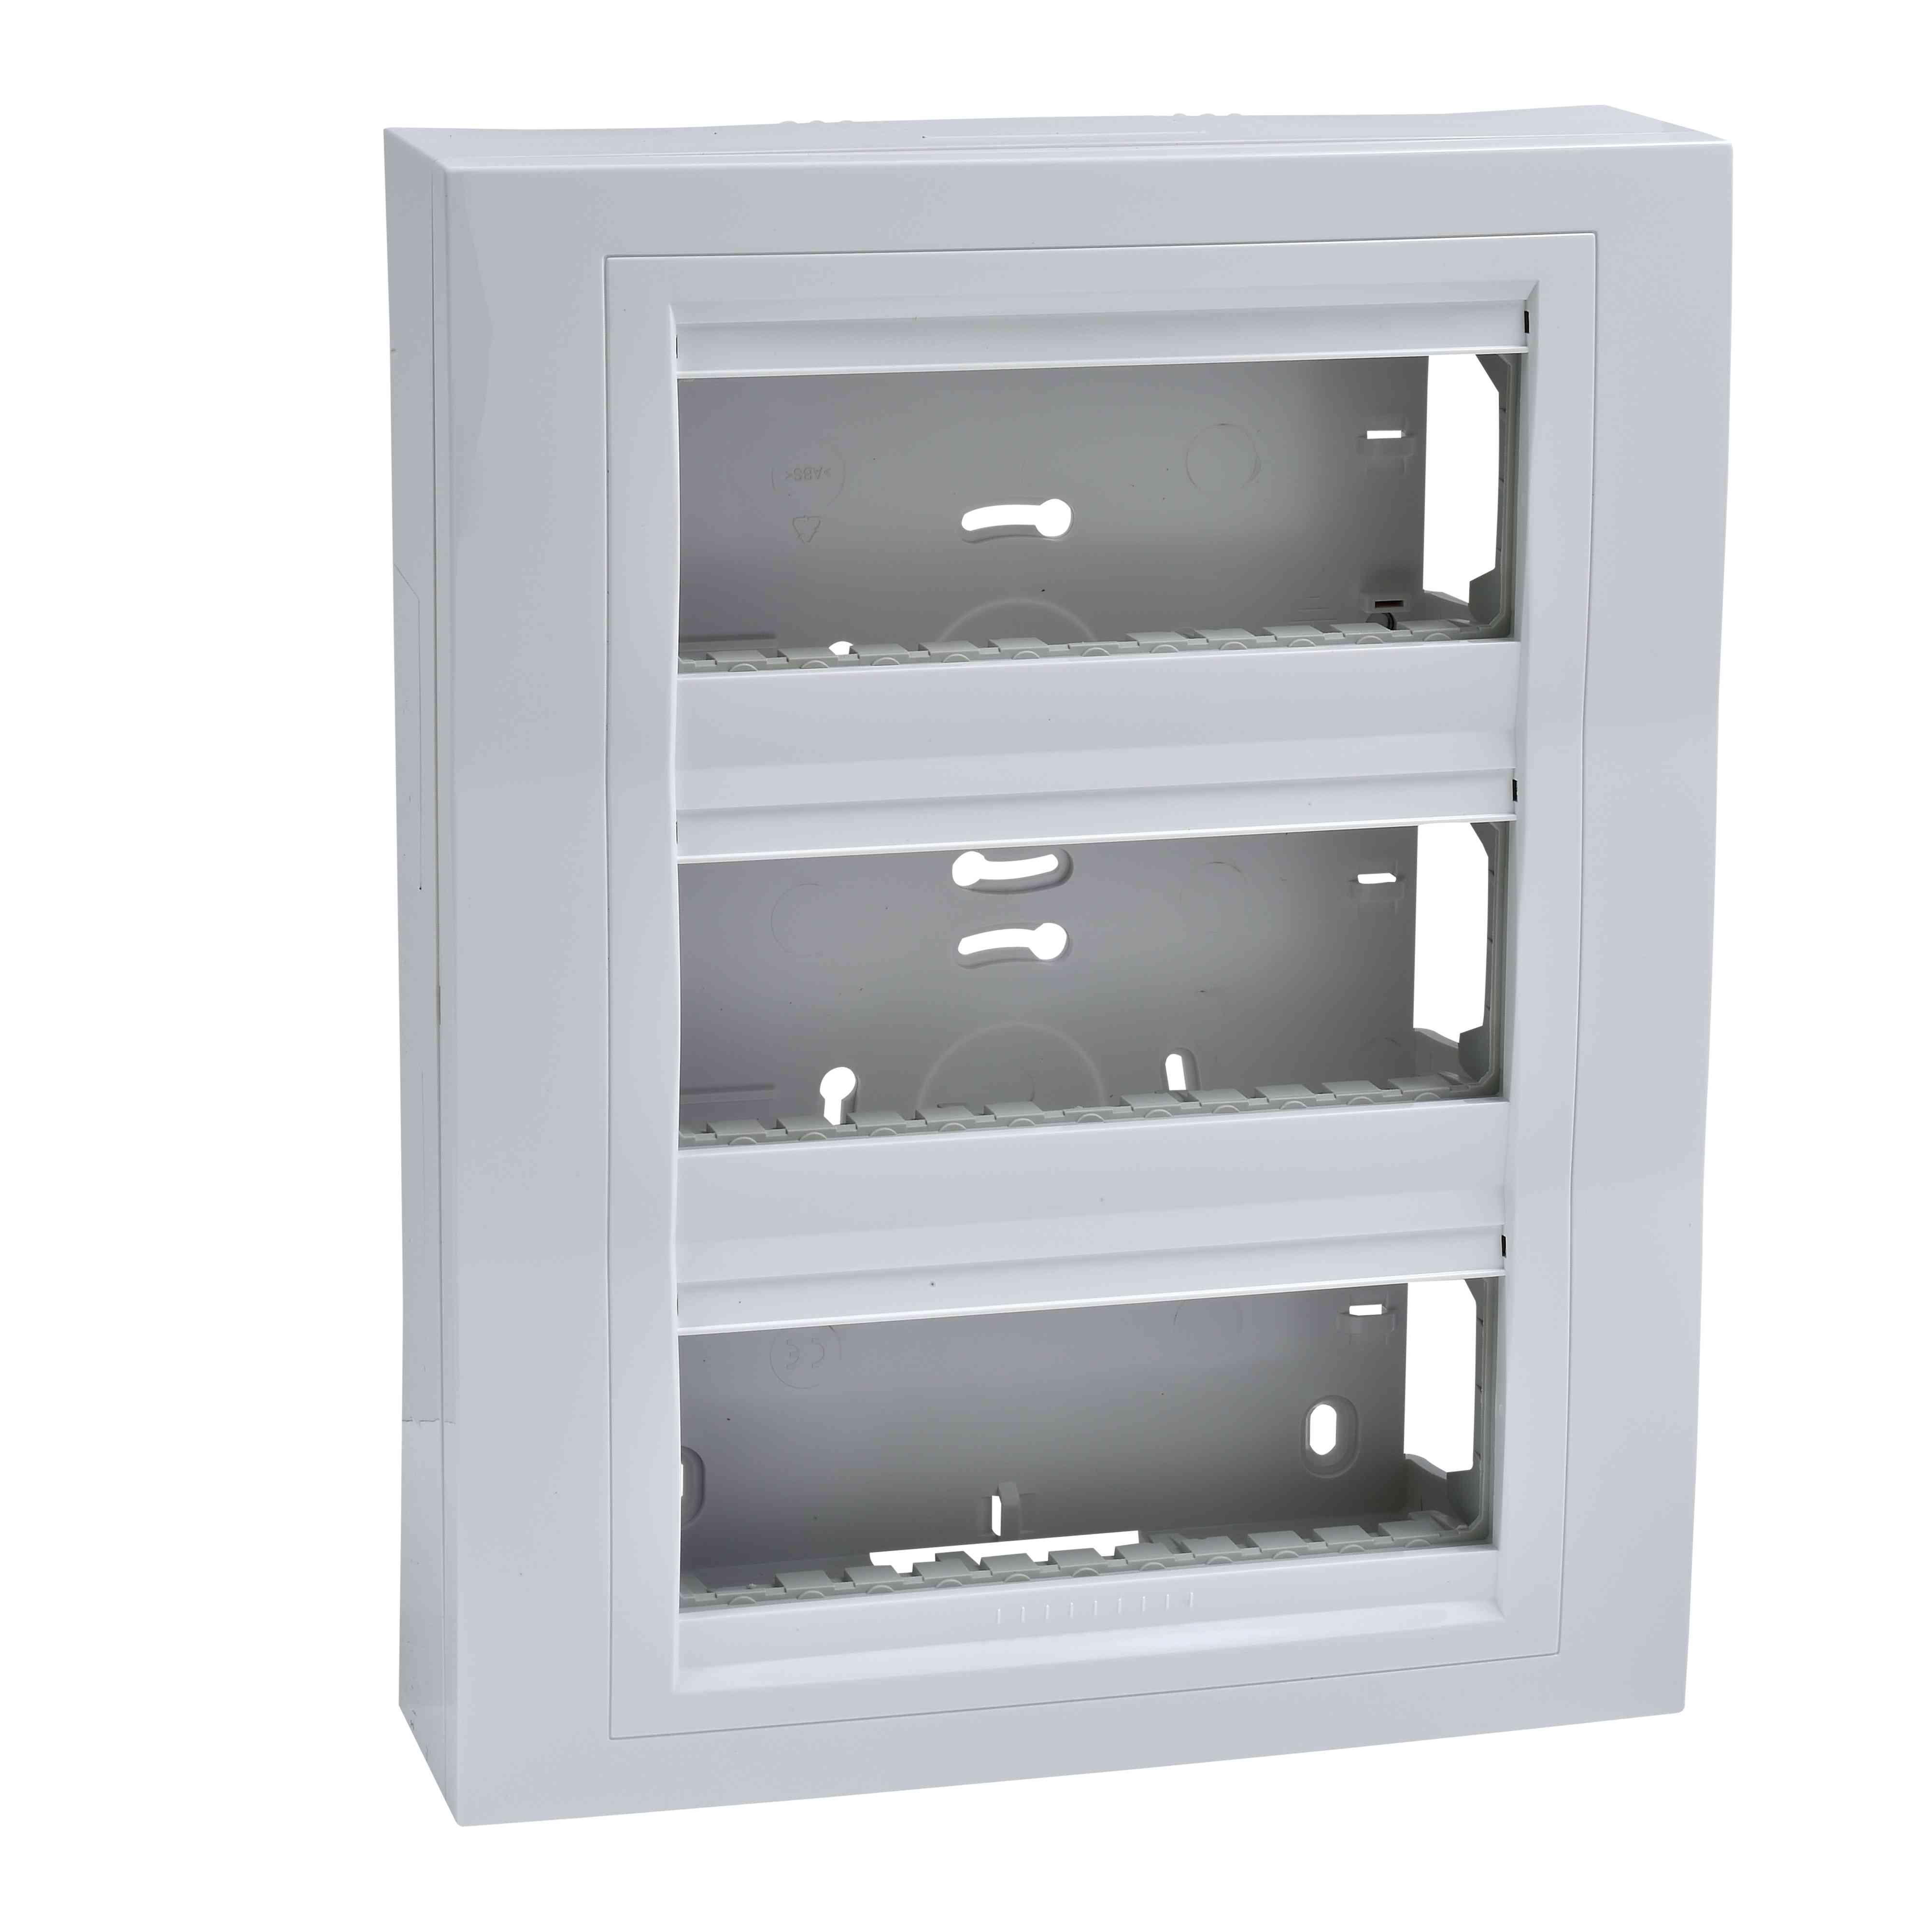 Unica System - ohišje za nadometno namestitev z okvirjem - 2 x 3 m - belo